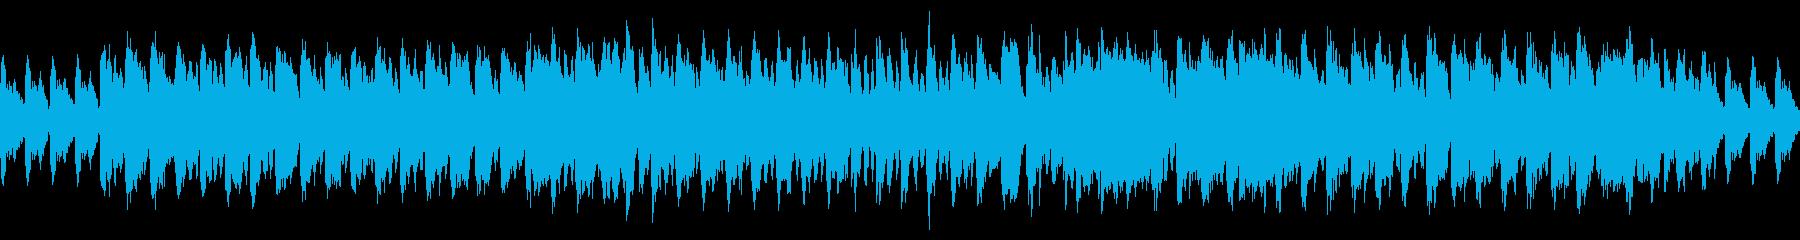 木管楽器のコミカルで怪しげな曲の再生済みの波形